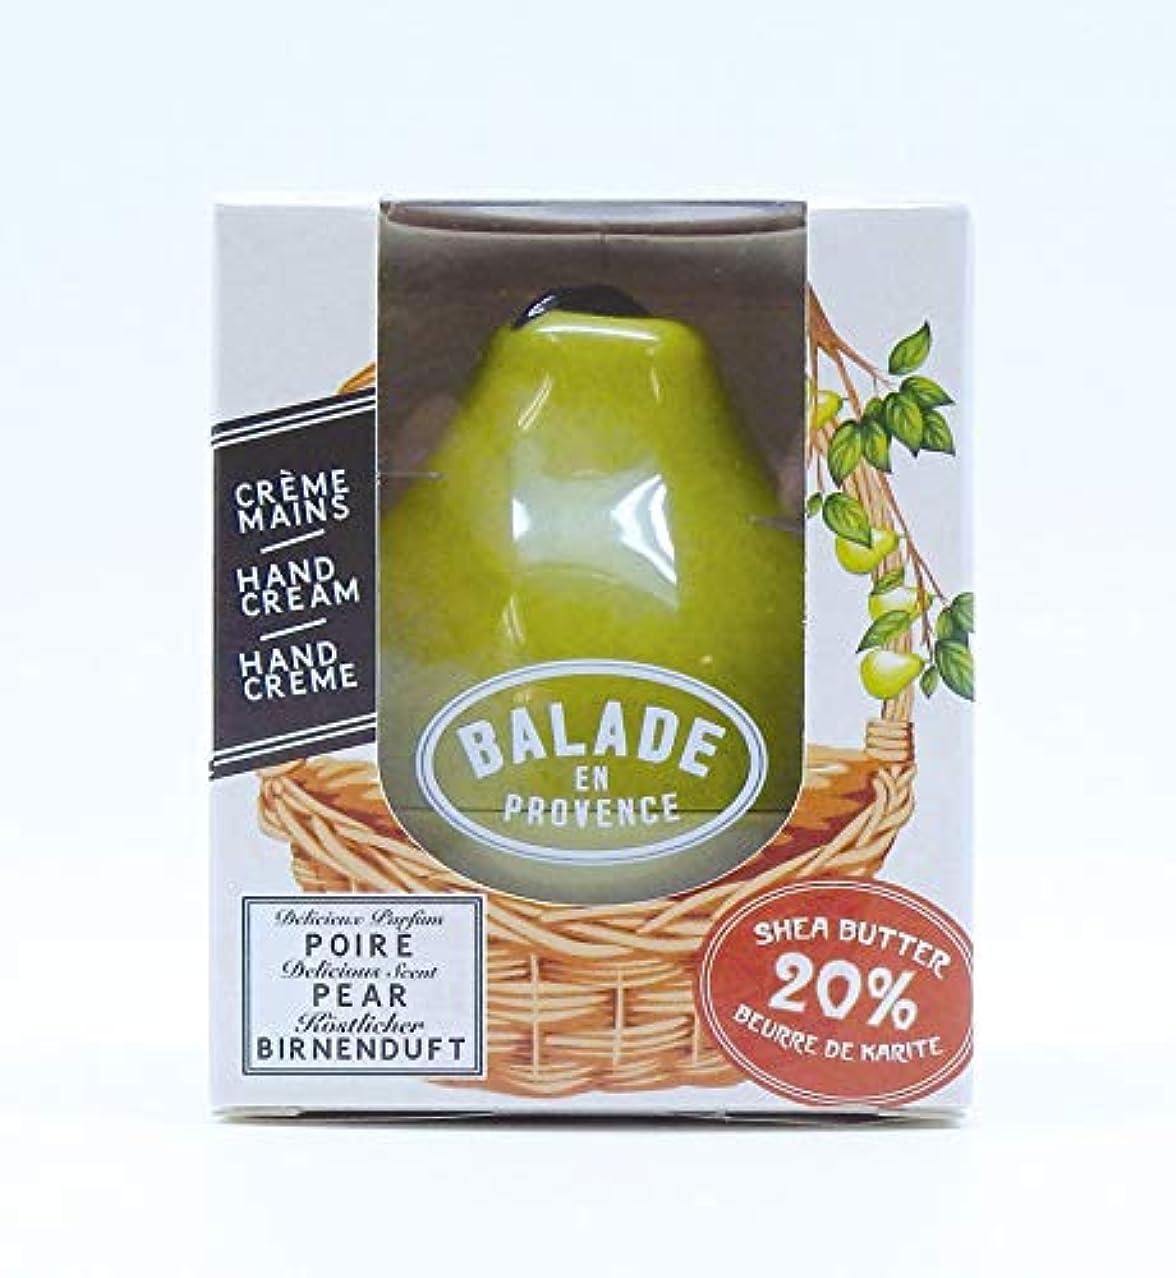 開梱うれしいタフジーピークリエイツ バラード アン プロヴァンス ペアの香り 30mL クリーム